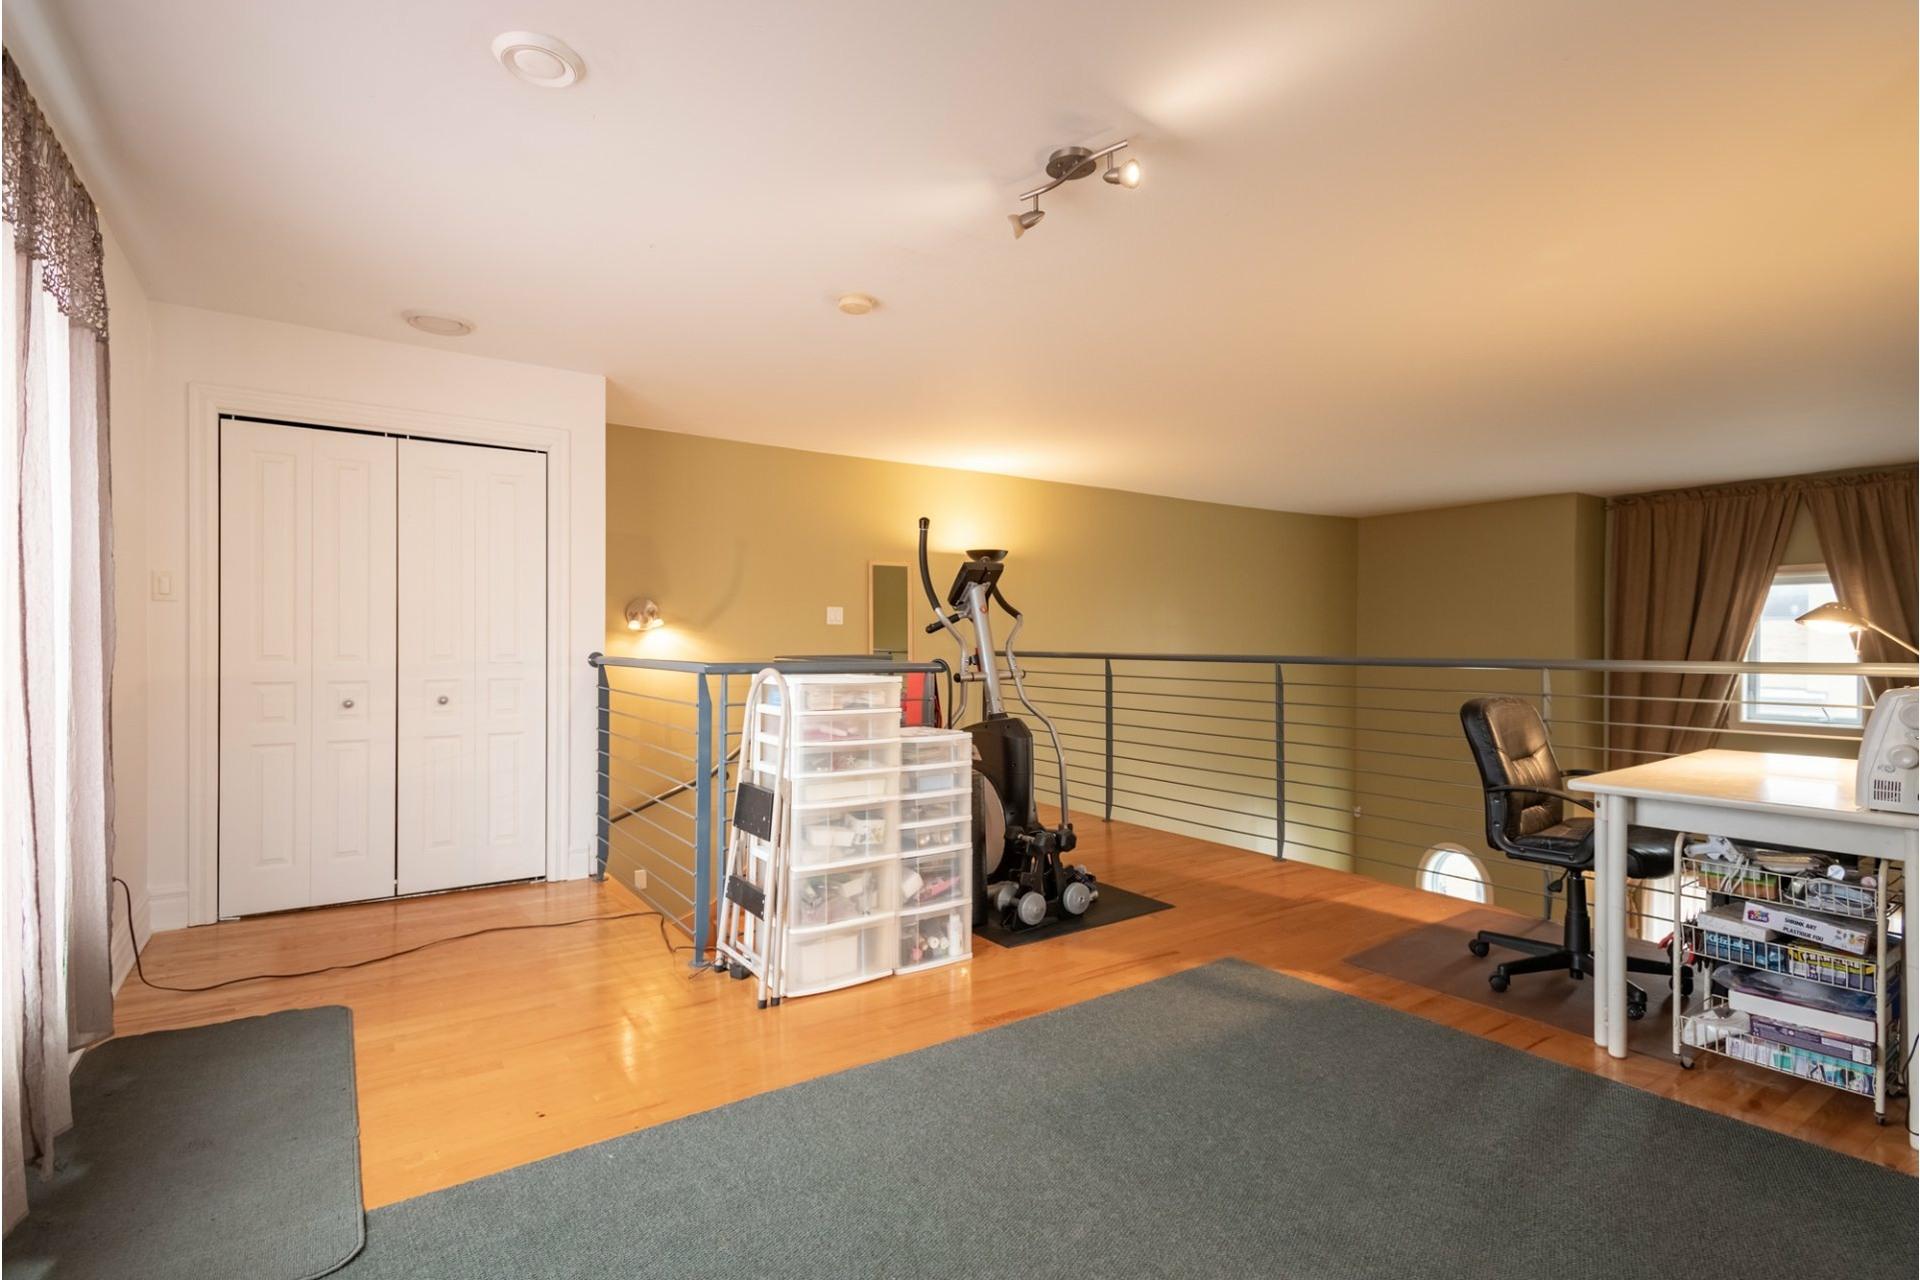 image 23 - Apartment For sale Le Plateau-Mont-Royal Montréal  - 7 rooms